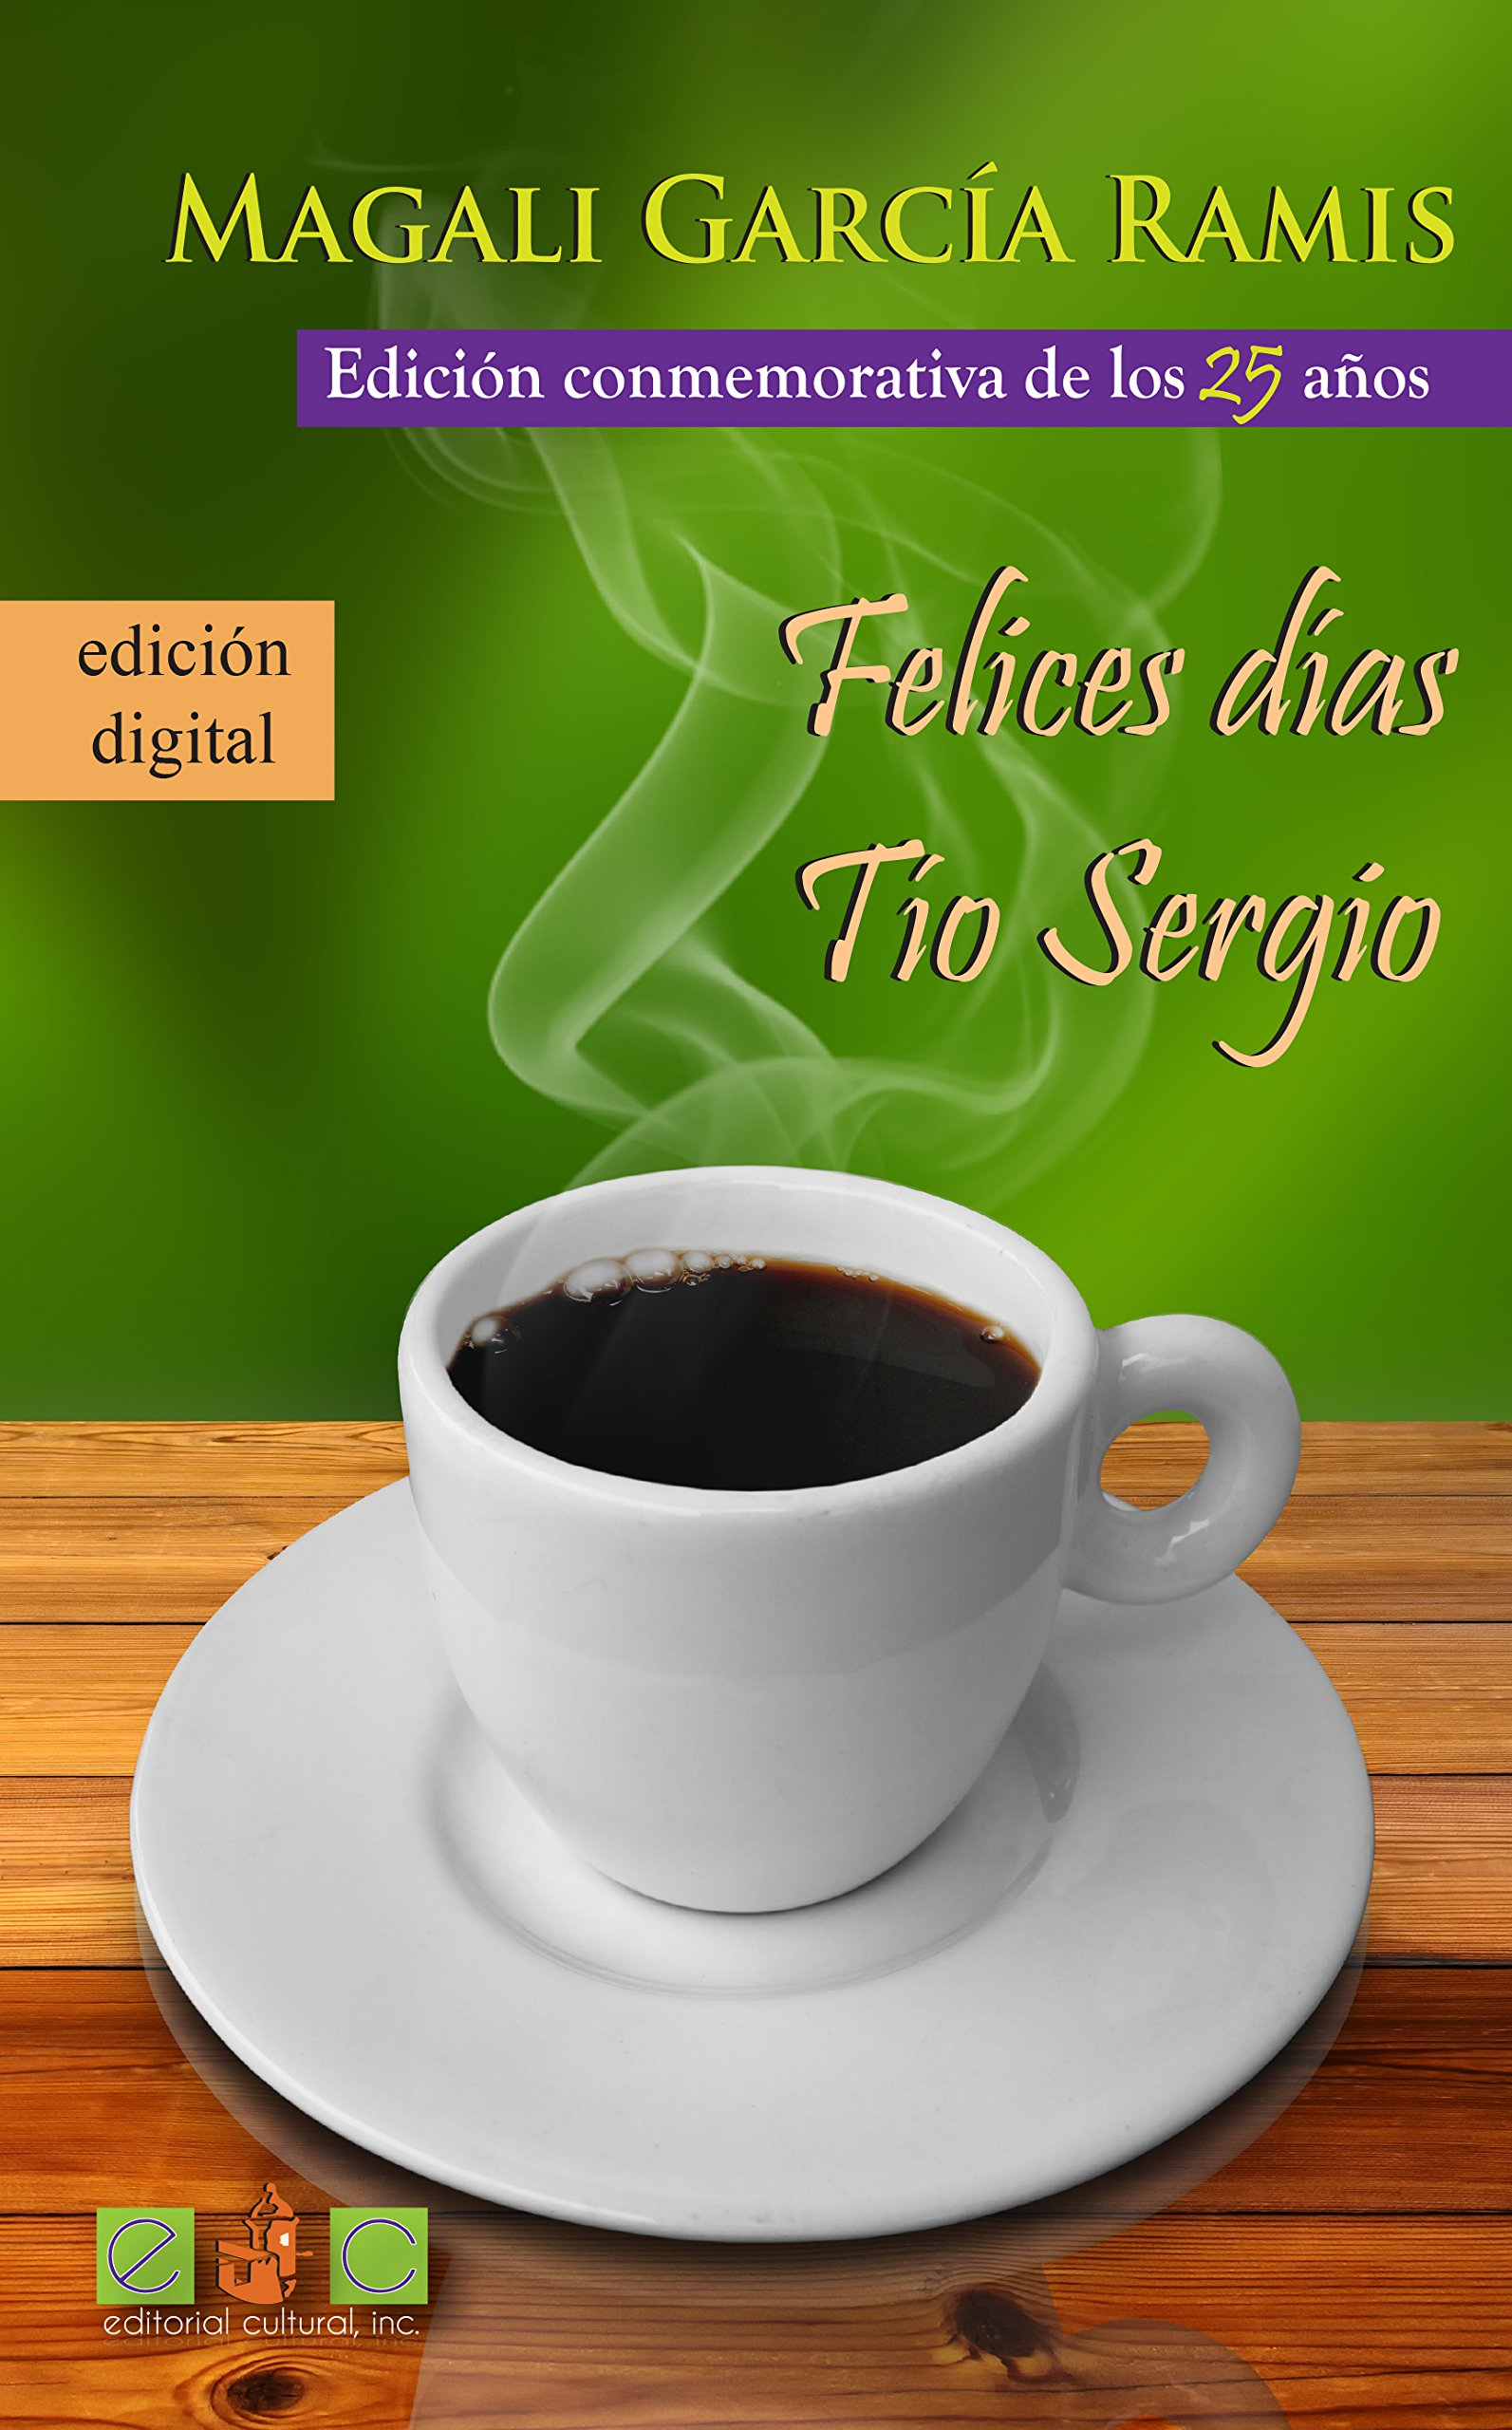 Felices dias, tio Sergio: Amazon.es: Magali Garcia Ramis: Libros